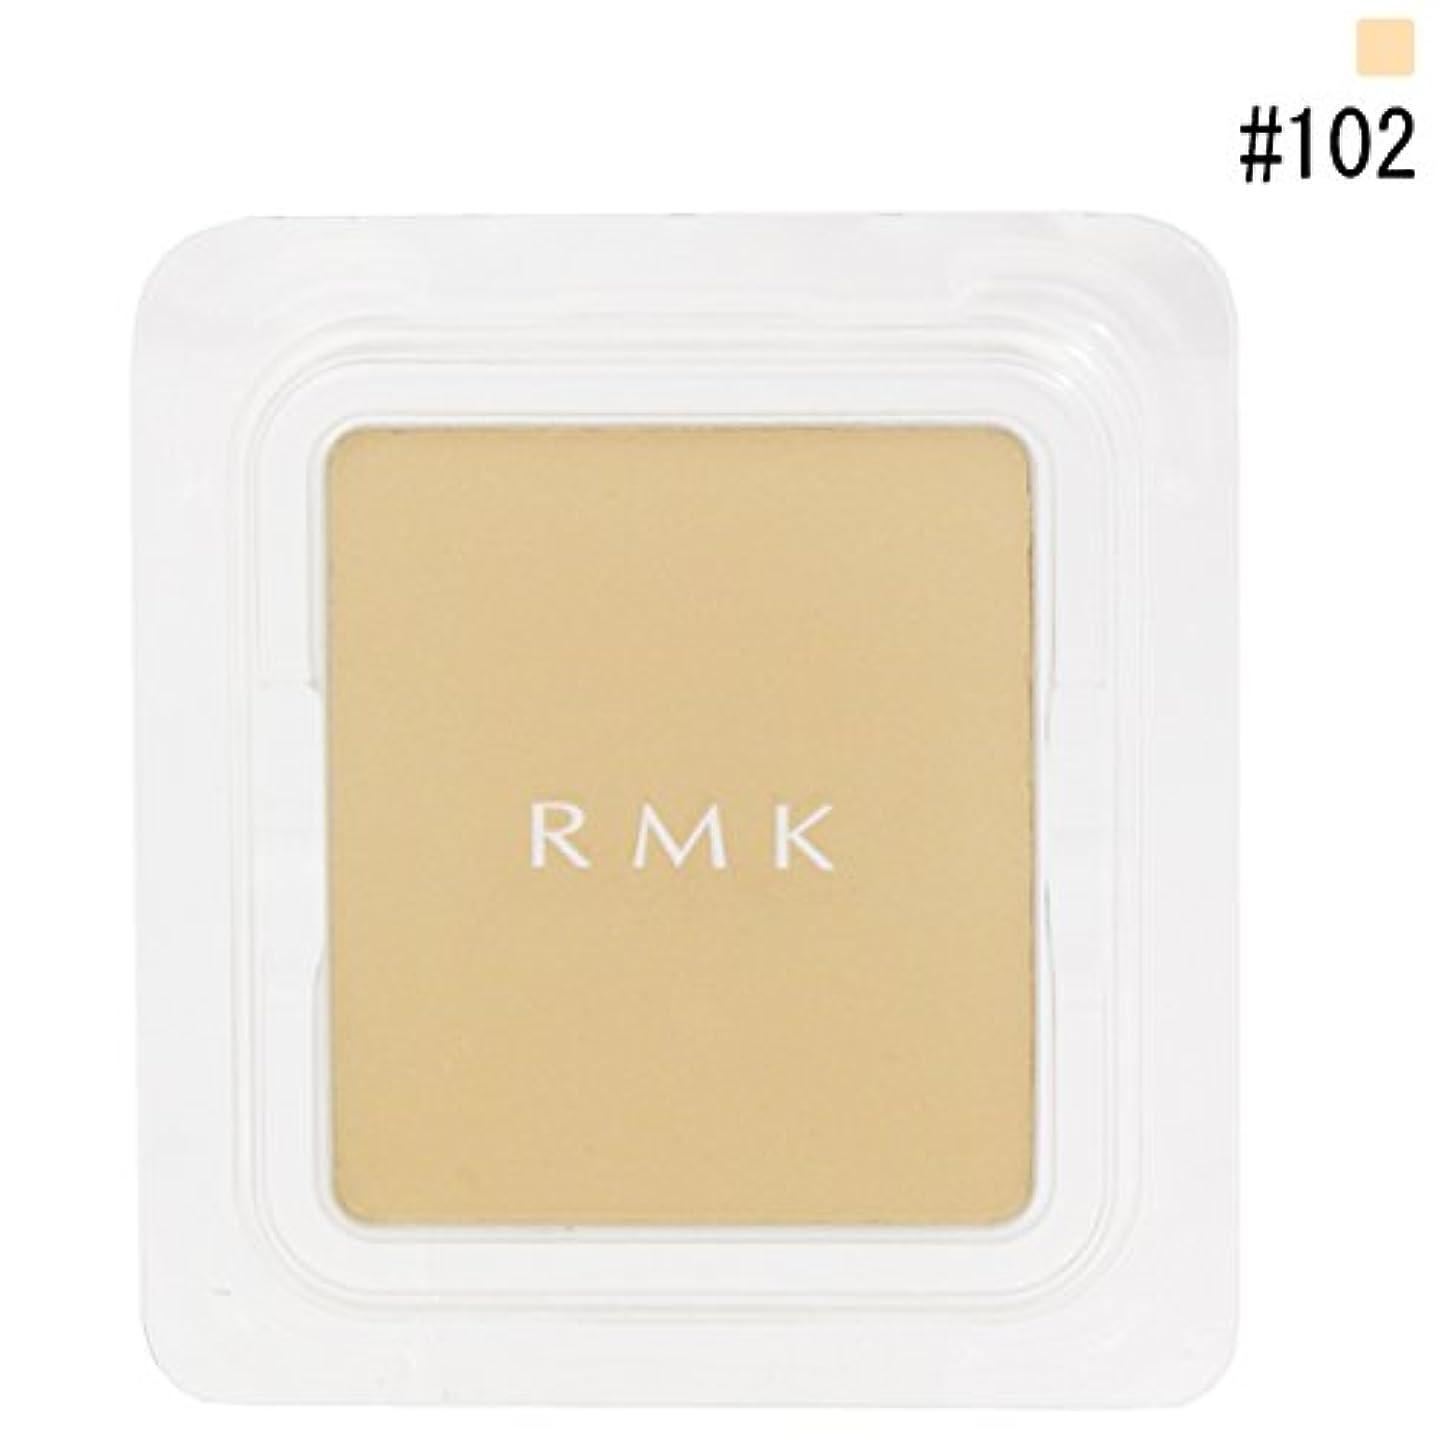 幻滅する葬儀鈍い【RMK (ルミコ)】エアリーパウダーファンデーション (レフィル) #102 10.5g